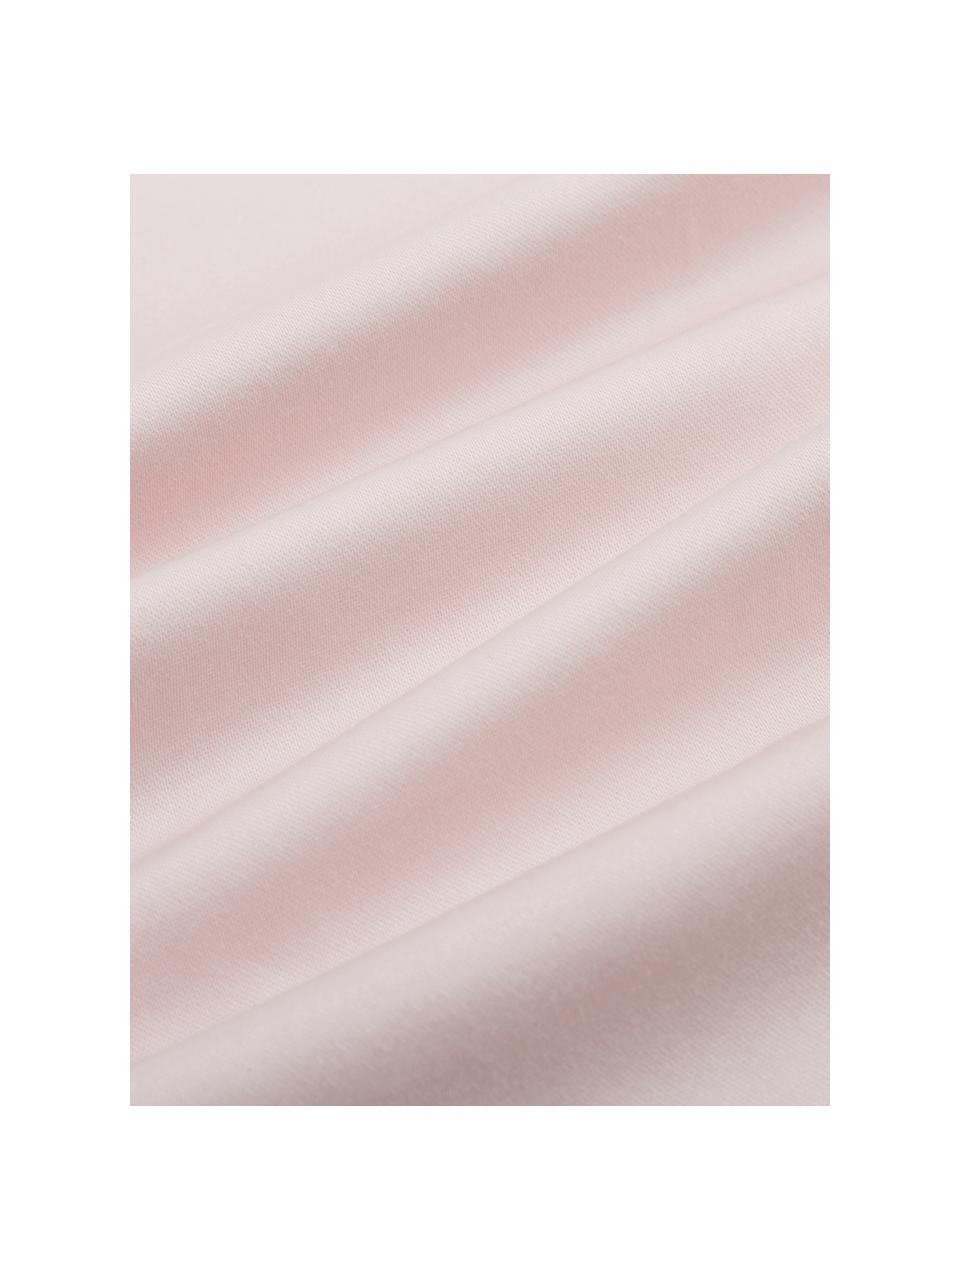 Satin-Kissenbezüge Premium aus Bio-Baumwolle in Rosa mit Stehsaum, 2 Stück, Webart: Satin Fadendichte 400 TC,, Rosa, 40 x 80 cm